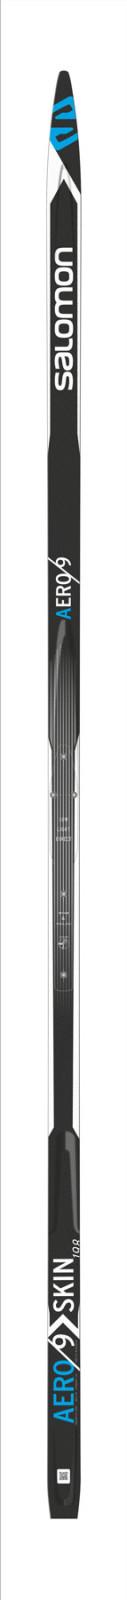 běžecké lyže Salomon Aero 9 Skin